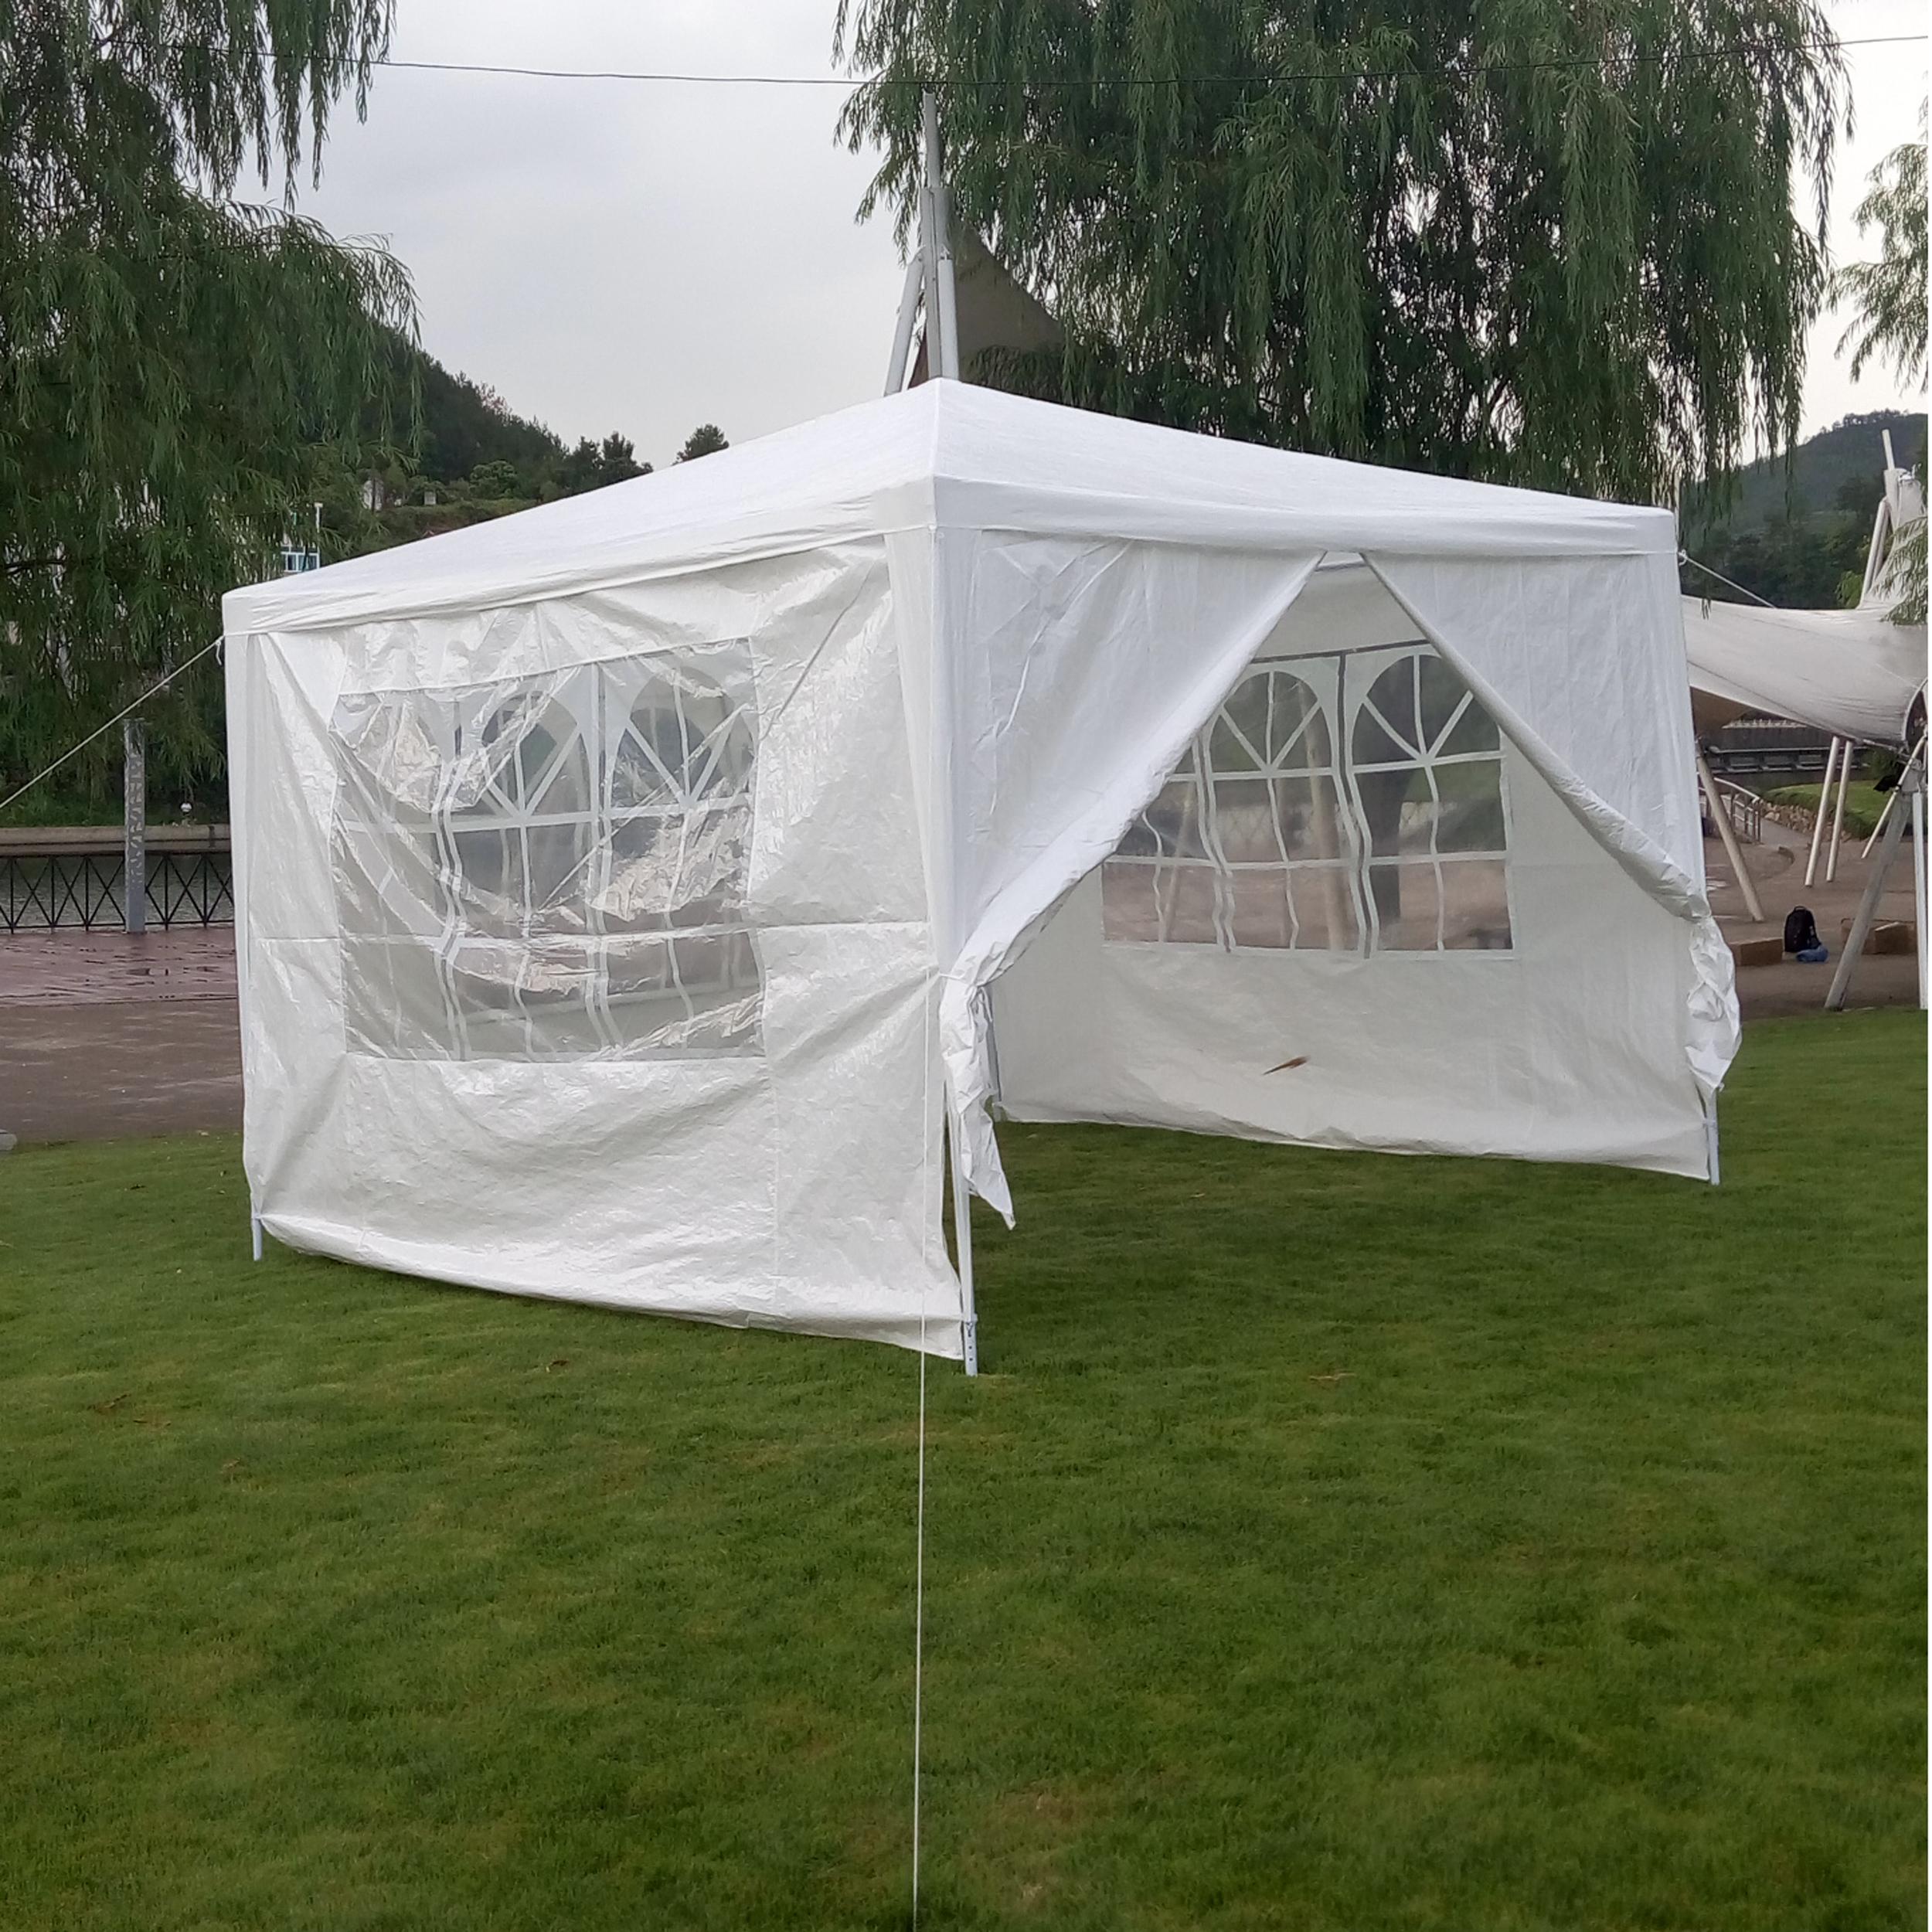 X10 Outdoor Lighting: 10'x10' 4 Walls Outdoor Canopy Party Wedding Tent Heavy